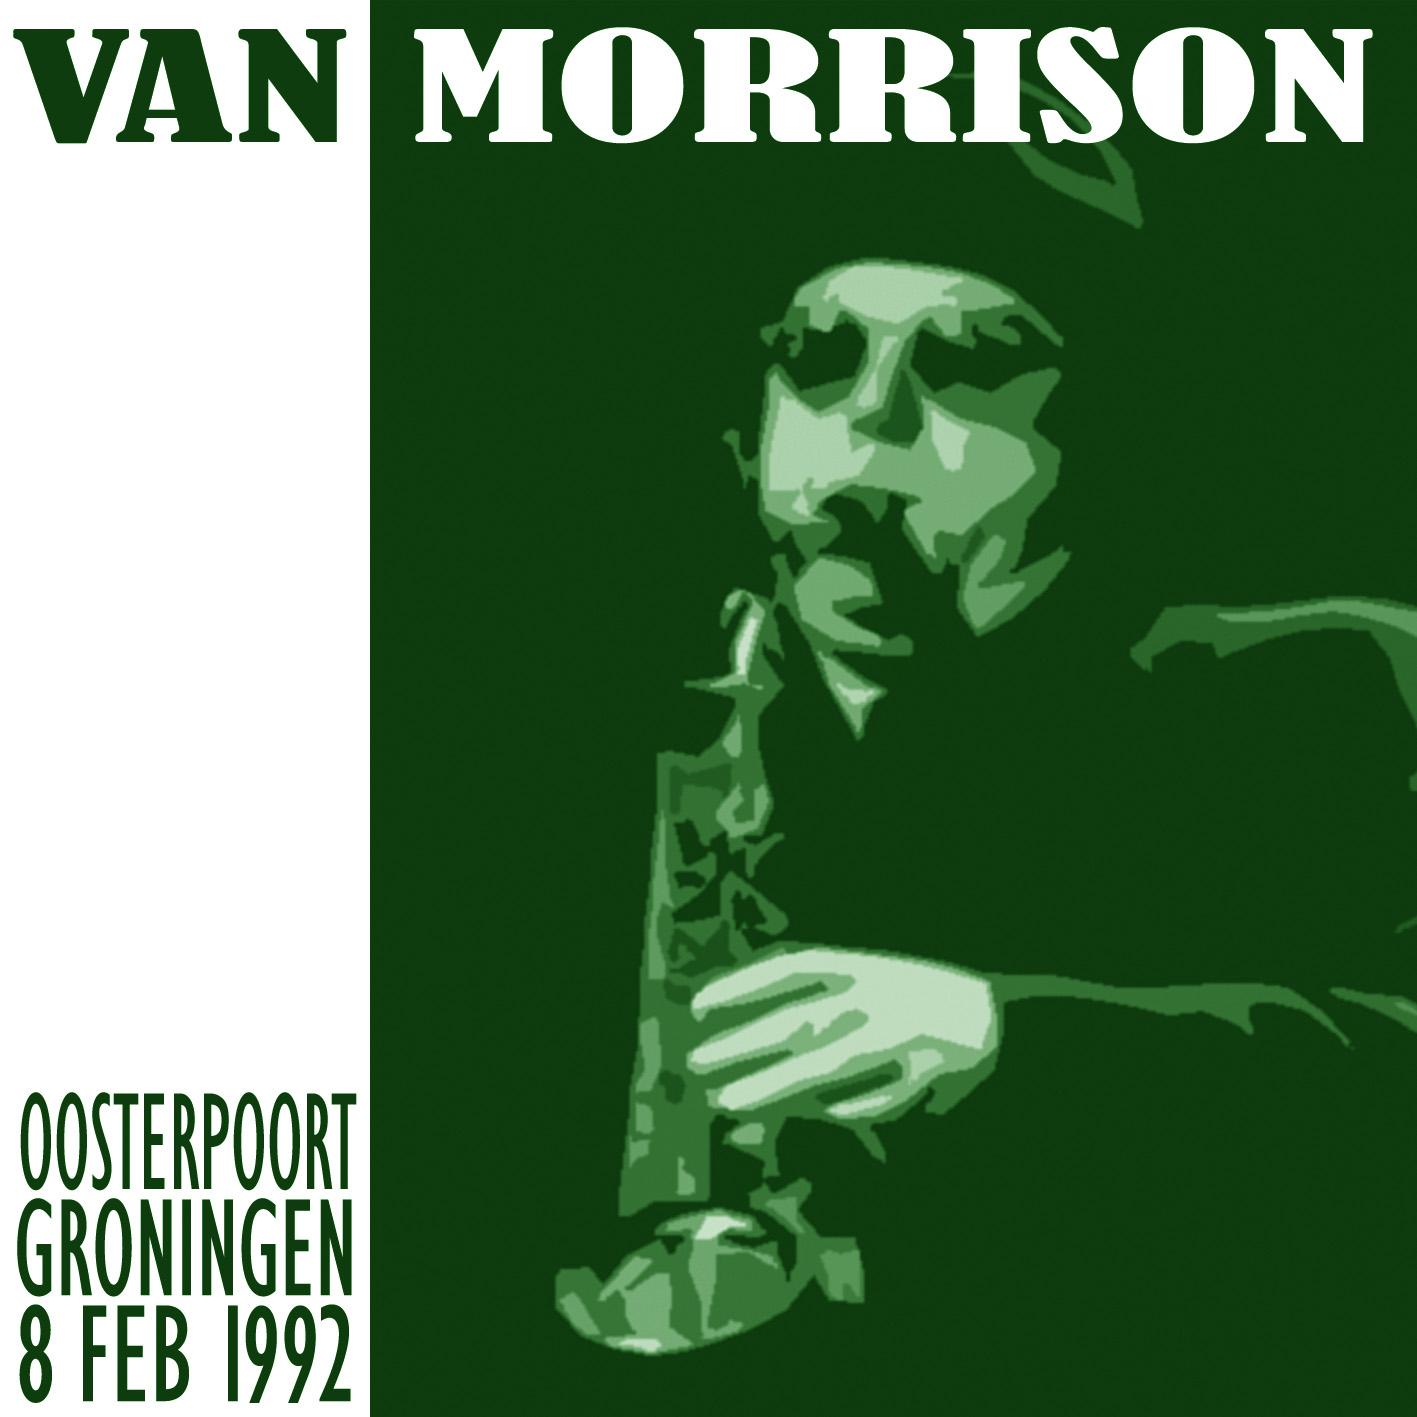 VanMorrison1992-02-08OosterpoortGroningenHolland.jpg